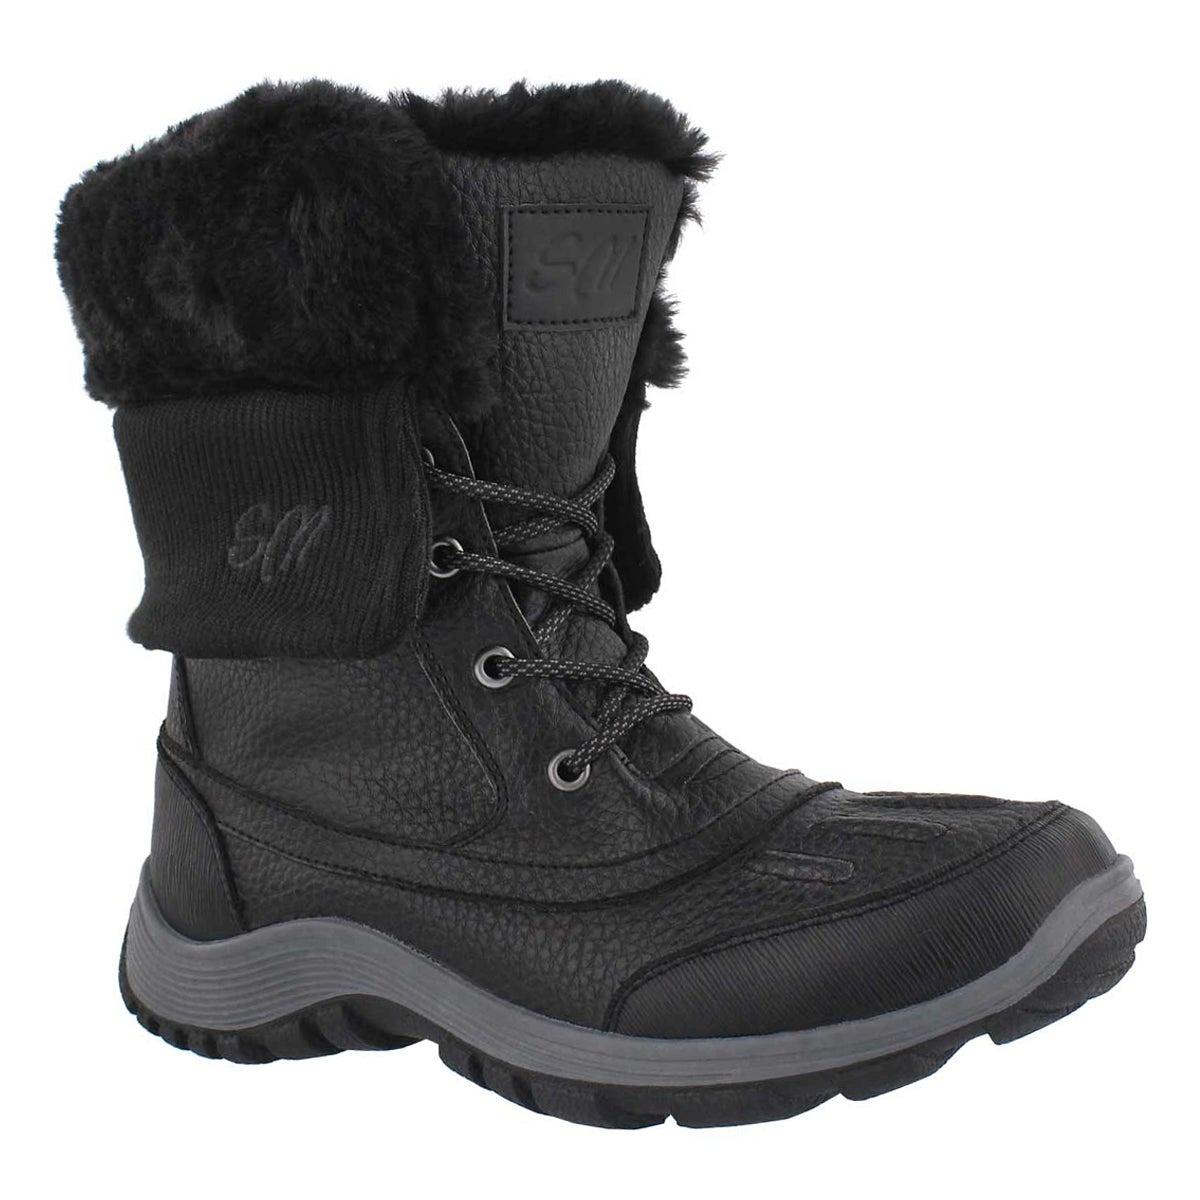 Women's DAMICA black wtrpf foldover cuff boots